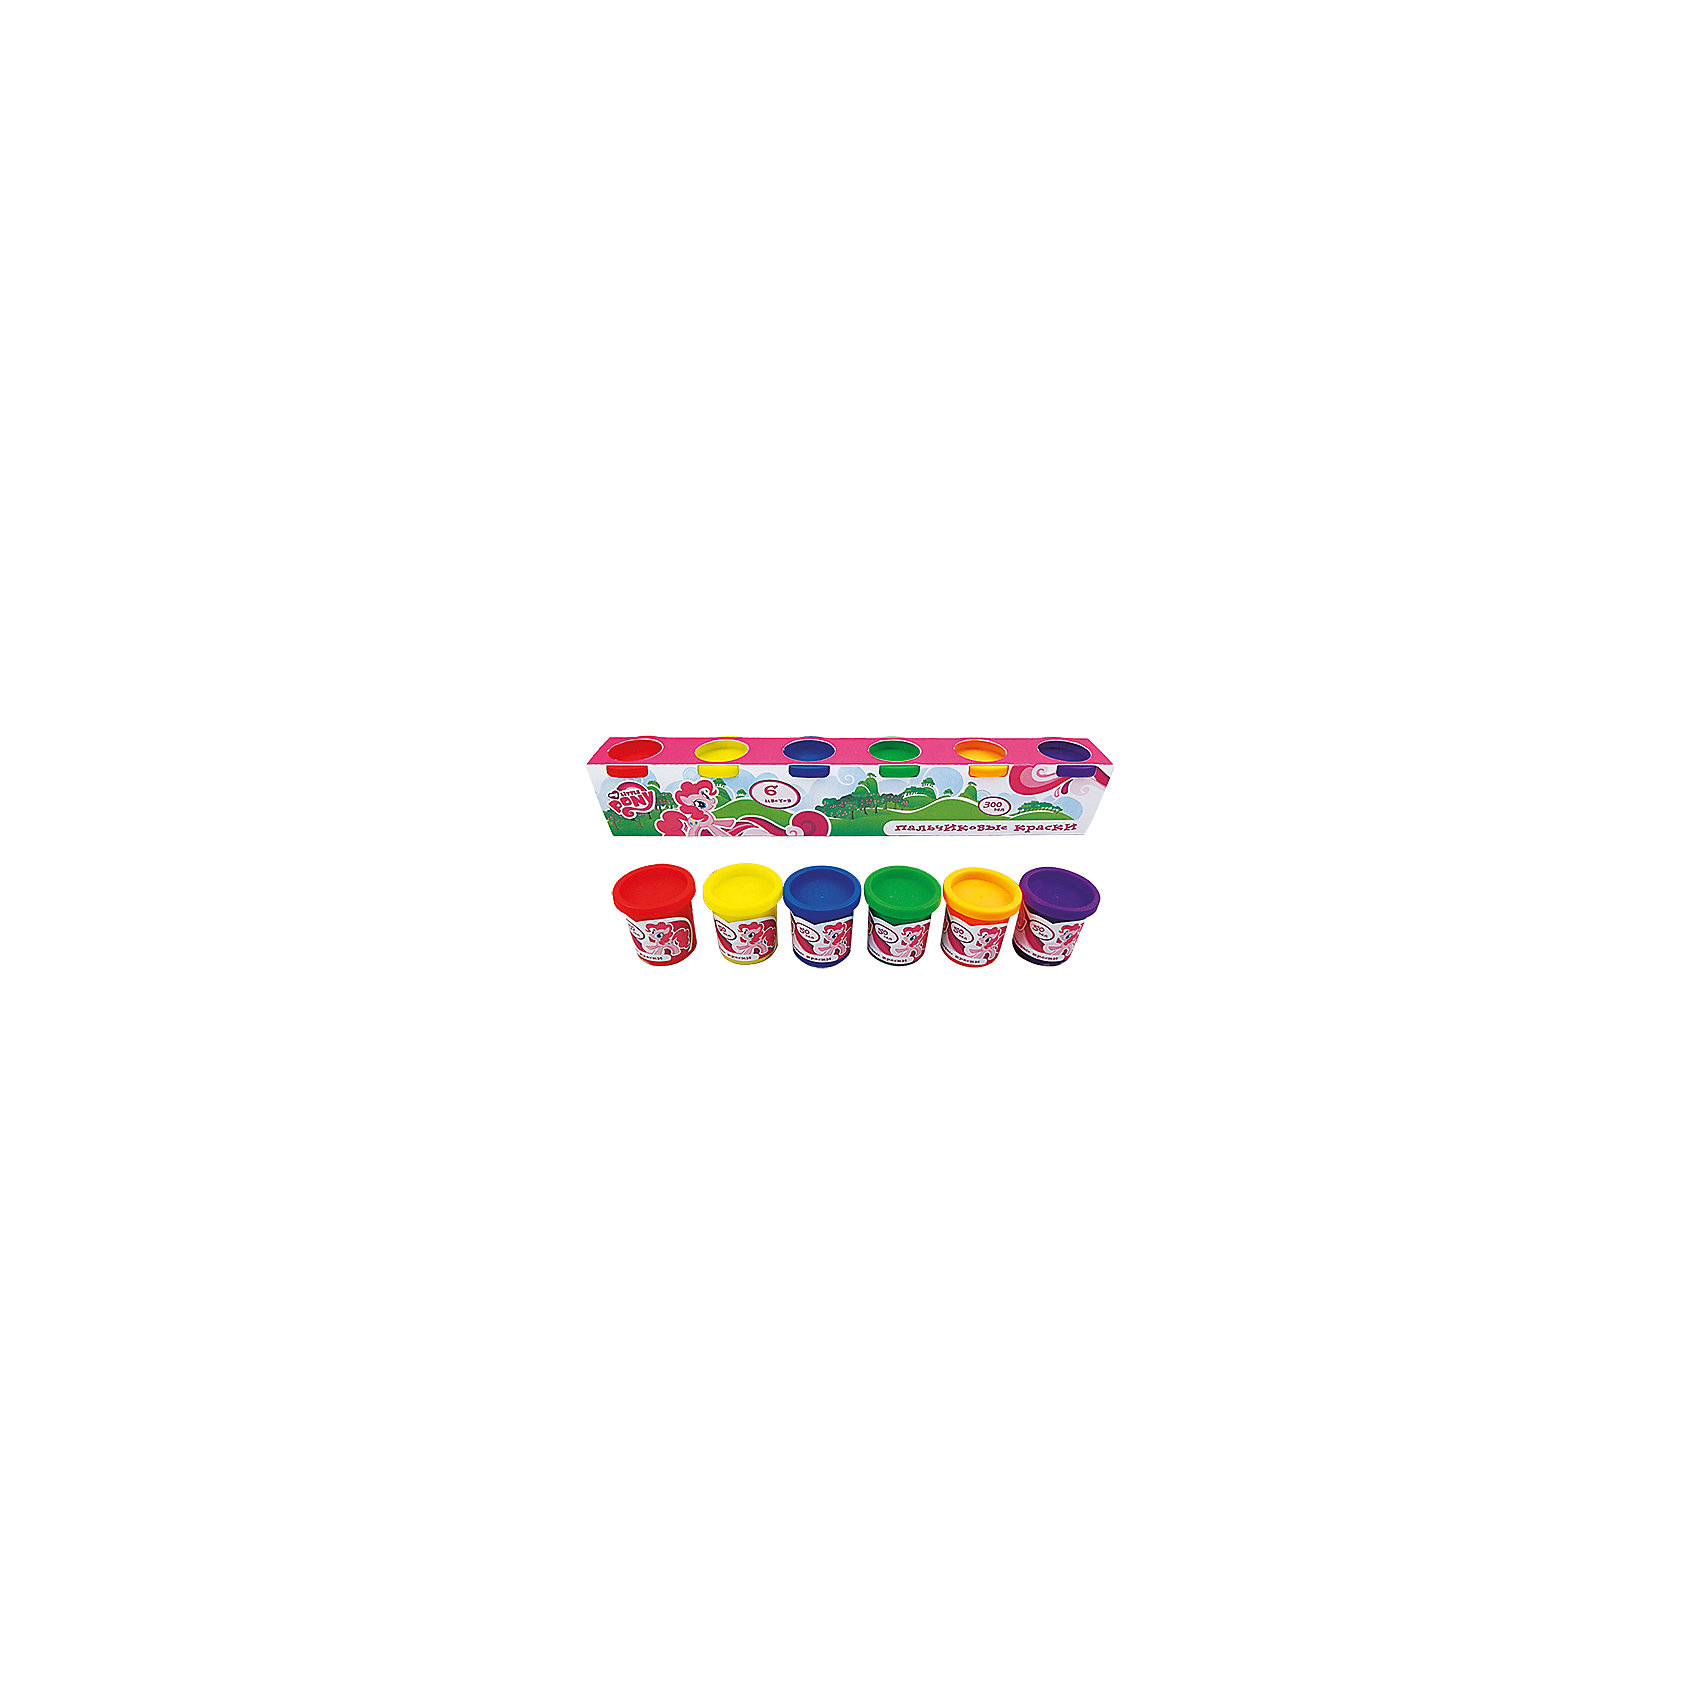 Набор пальчиковых красок, 6 цветов, My little PonyНабор пальчиковых красок, 6 цветов, My little Pony (Мой маленький Пони) идеально подходит даже для самых маленьких и предназначен специально для рисования пальцами, поэтому краски абсолютно безвредны для кожи и не вызывают аллергических реакций. Пока малыши не научились пользоваться кисточками, они могут рисовать пальчиками, смешивать цвета и стараться аккуратно закрашивать контуры. Краска каждого цвета хранится в отдельной пластиковой баночке. Их использование развивает тактильные ощущения, цветовое восприятие, зрительную память, творческое мышление, тренирует мелкую моторику, положительно влияет на настроение детей. <br><br>Комплектация: баночки с краской 6 шт.<br><br>Дополнительная информация:<br>-Серия: Мой маленький Пони<br>-Вес в упаковке: 440 г<br>-Размеры в упаковке: 330х60х50 мм<br>-Материалы: пластик, краски<br><br>Пальчиковые краски – это один из самых удачных способов занять малыша и подарить ему настоящую радость!<br><br>Набор пальчиковых красок, 6 цветов, My little Pony (Мой маленький Пони) можно купить в нашем магазине.<br><br>Ширина мм: 330<br>Глубина мм: 60<br>Высота мм: 50<br>Вес г: 440<br>Возраст от месяцев: 12<br>Возраст до месяцев: 48<br>Пол: Женский<br>Возраст: Детский<br>SKU: 4079300